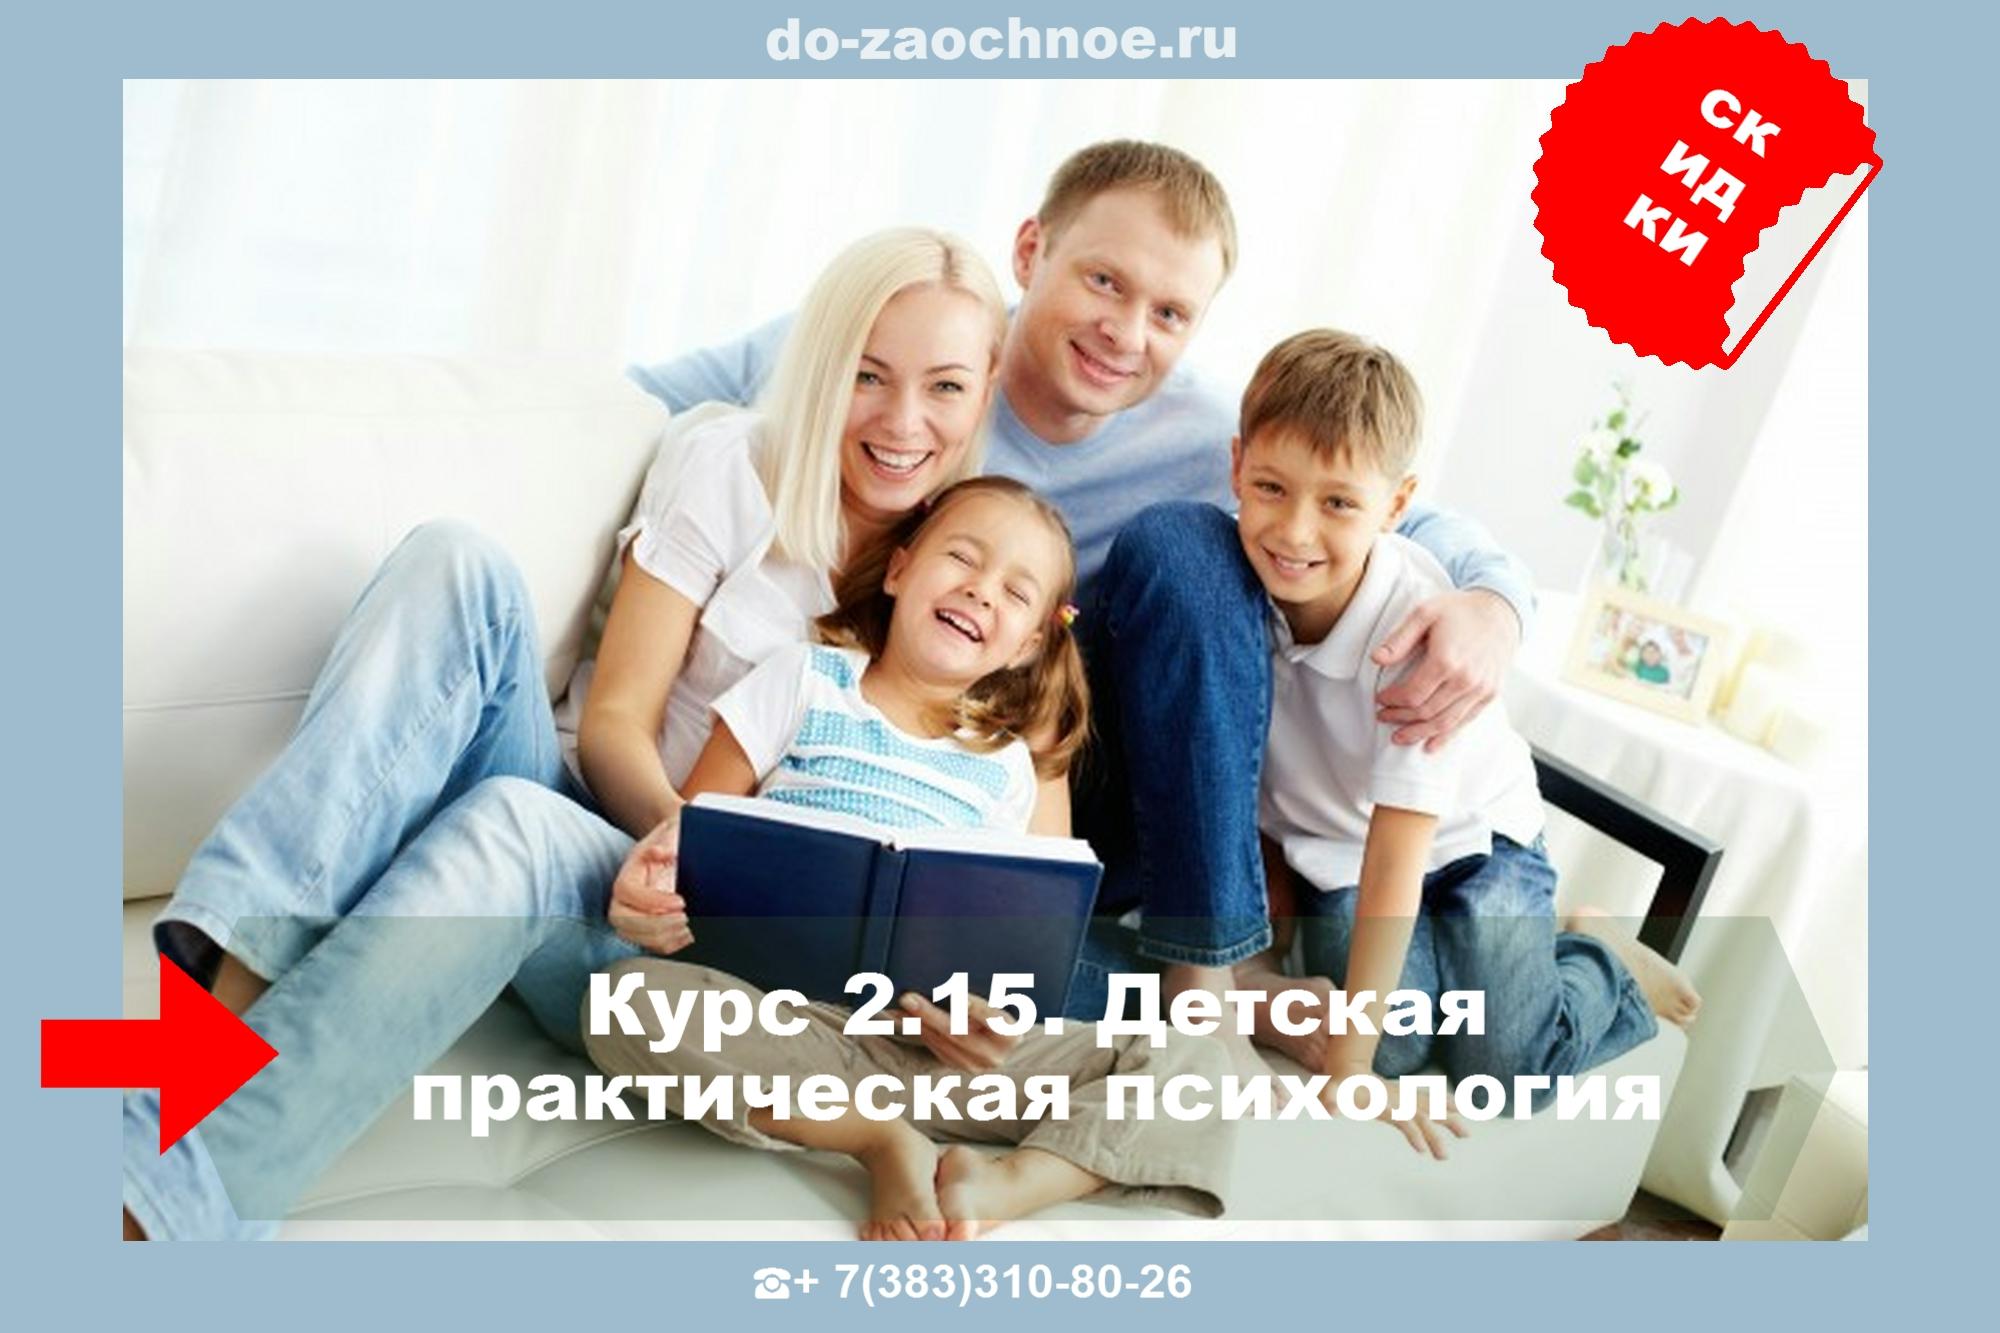 ИДПК дистанционные курсы Детская практическая психология на do-zaochnoe.ru ТУТ!